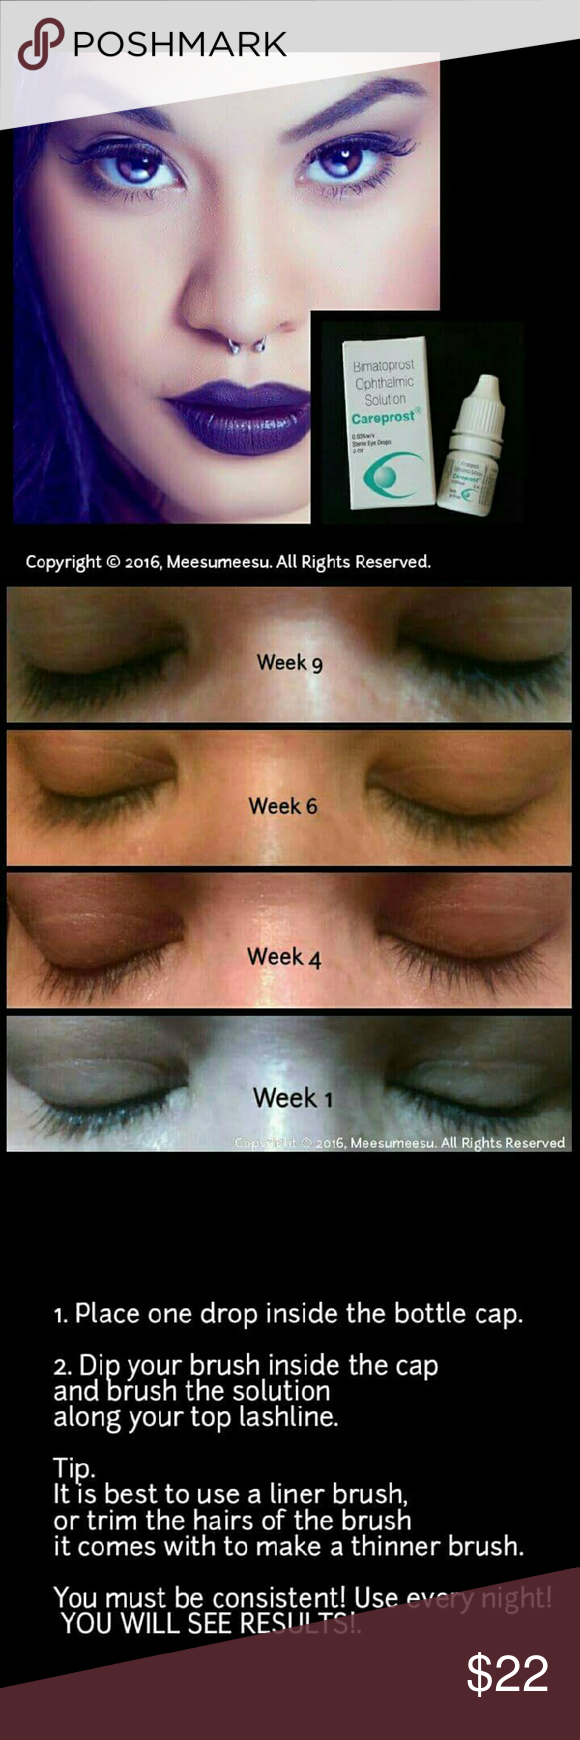 Careprost 1 Pack Careprost Eyelash Growth Solution Grow Your Lashes